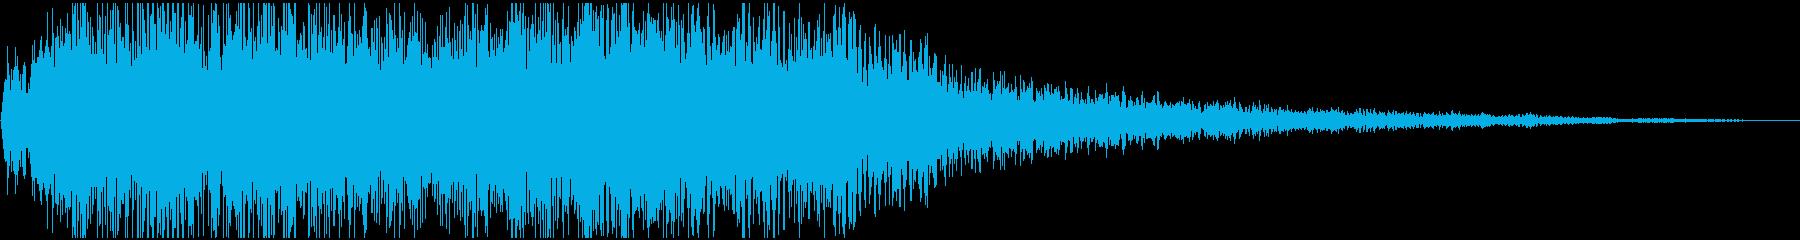 【シネマティック】 DARK_02 不安の再生済みの波形